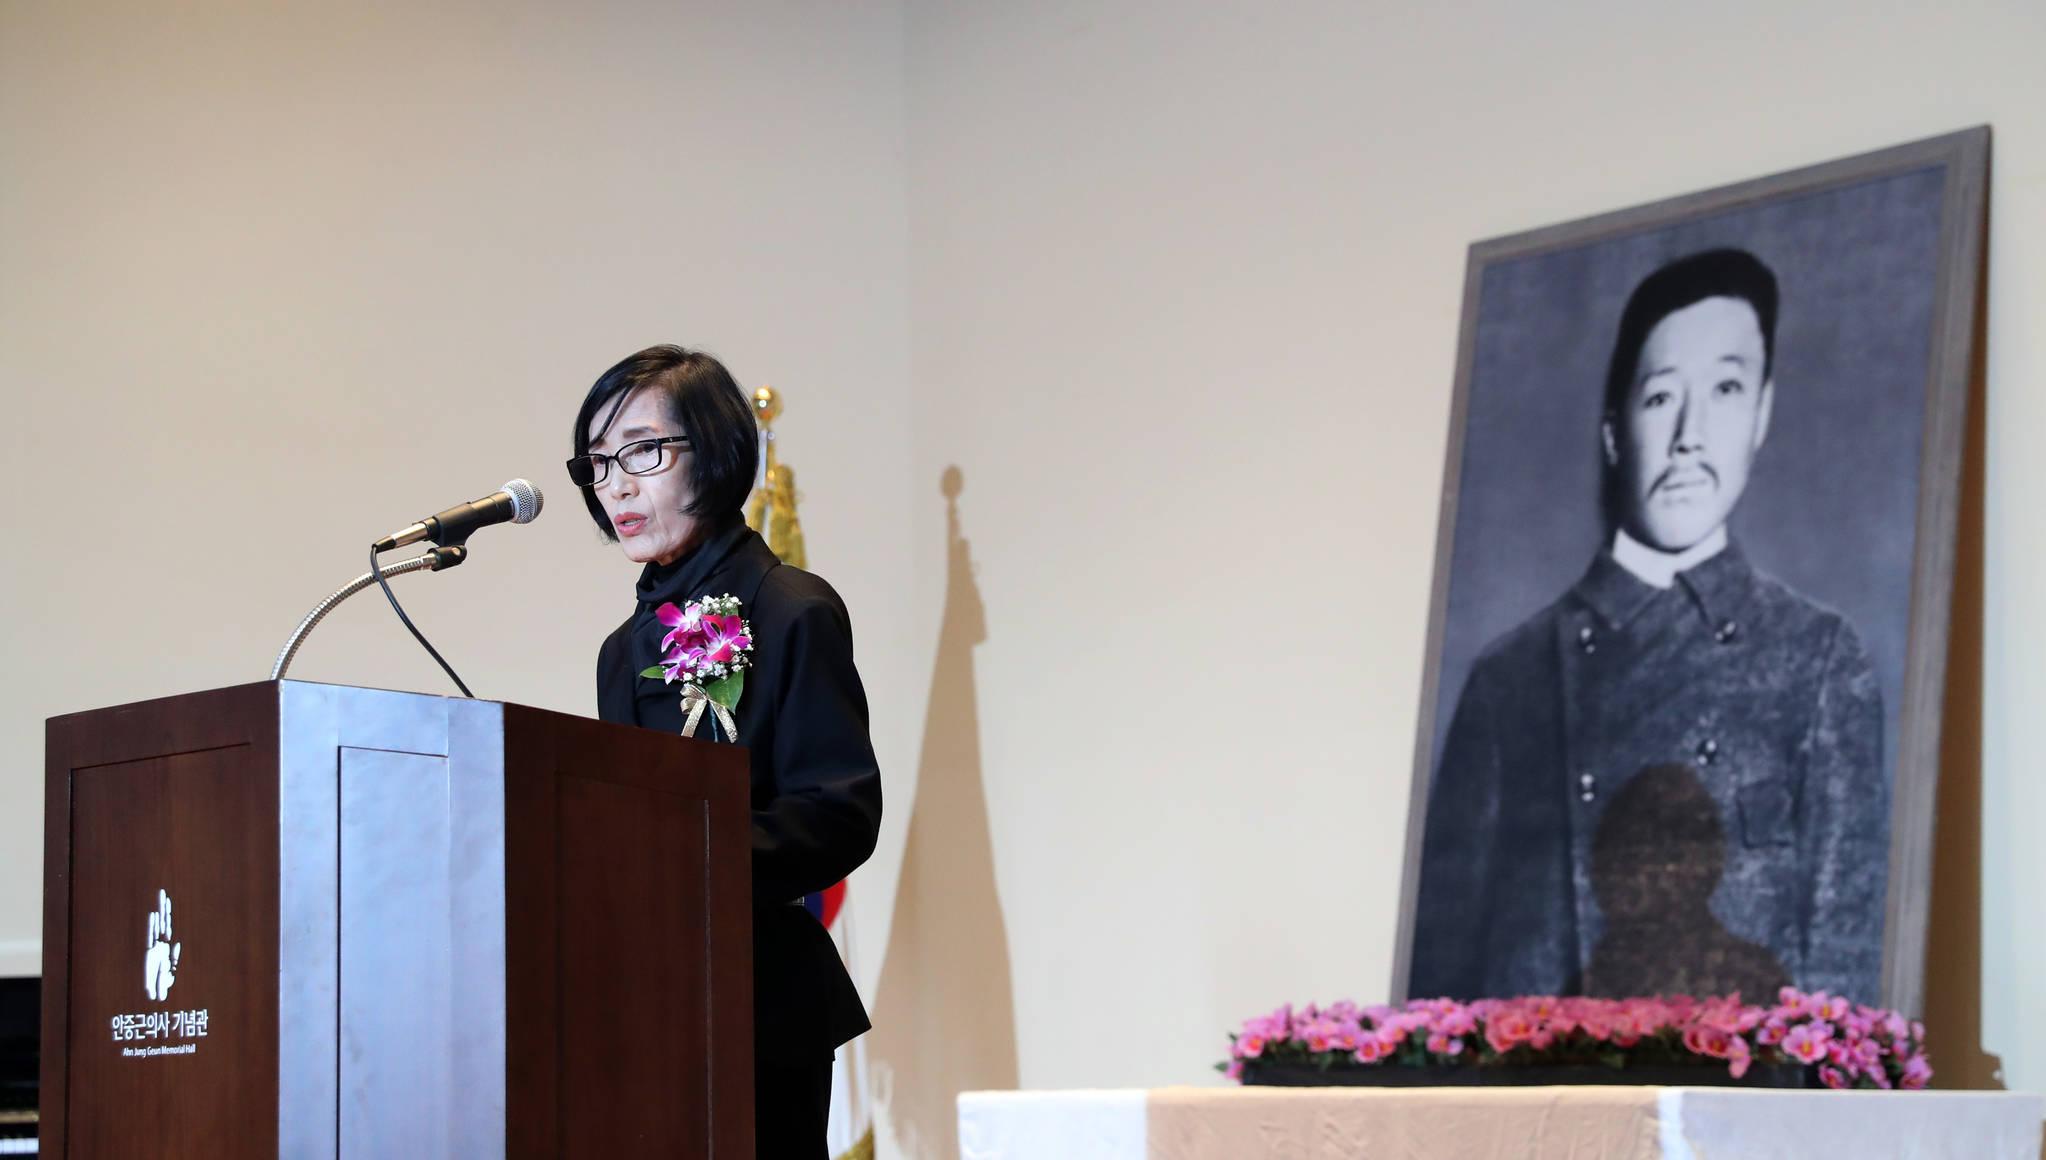 2017년 10월 26일 서울 중구 안중근의사기념관에서 열린 안중근 의사 의거 108주년 기념식. 사진은 피우진 국가보훈처장이 기념사를 하는 모습. 김경록 기자